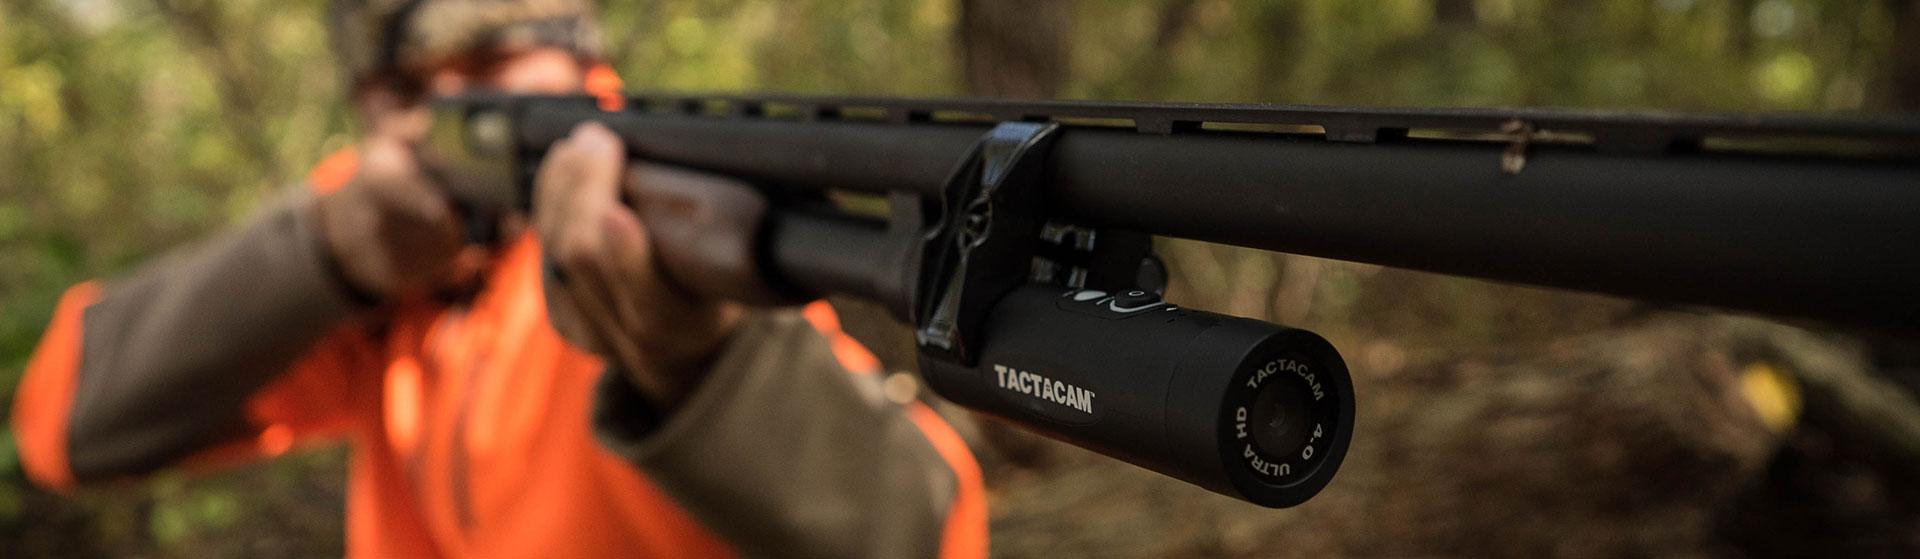 Tactacam Shotgun Camera